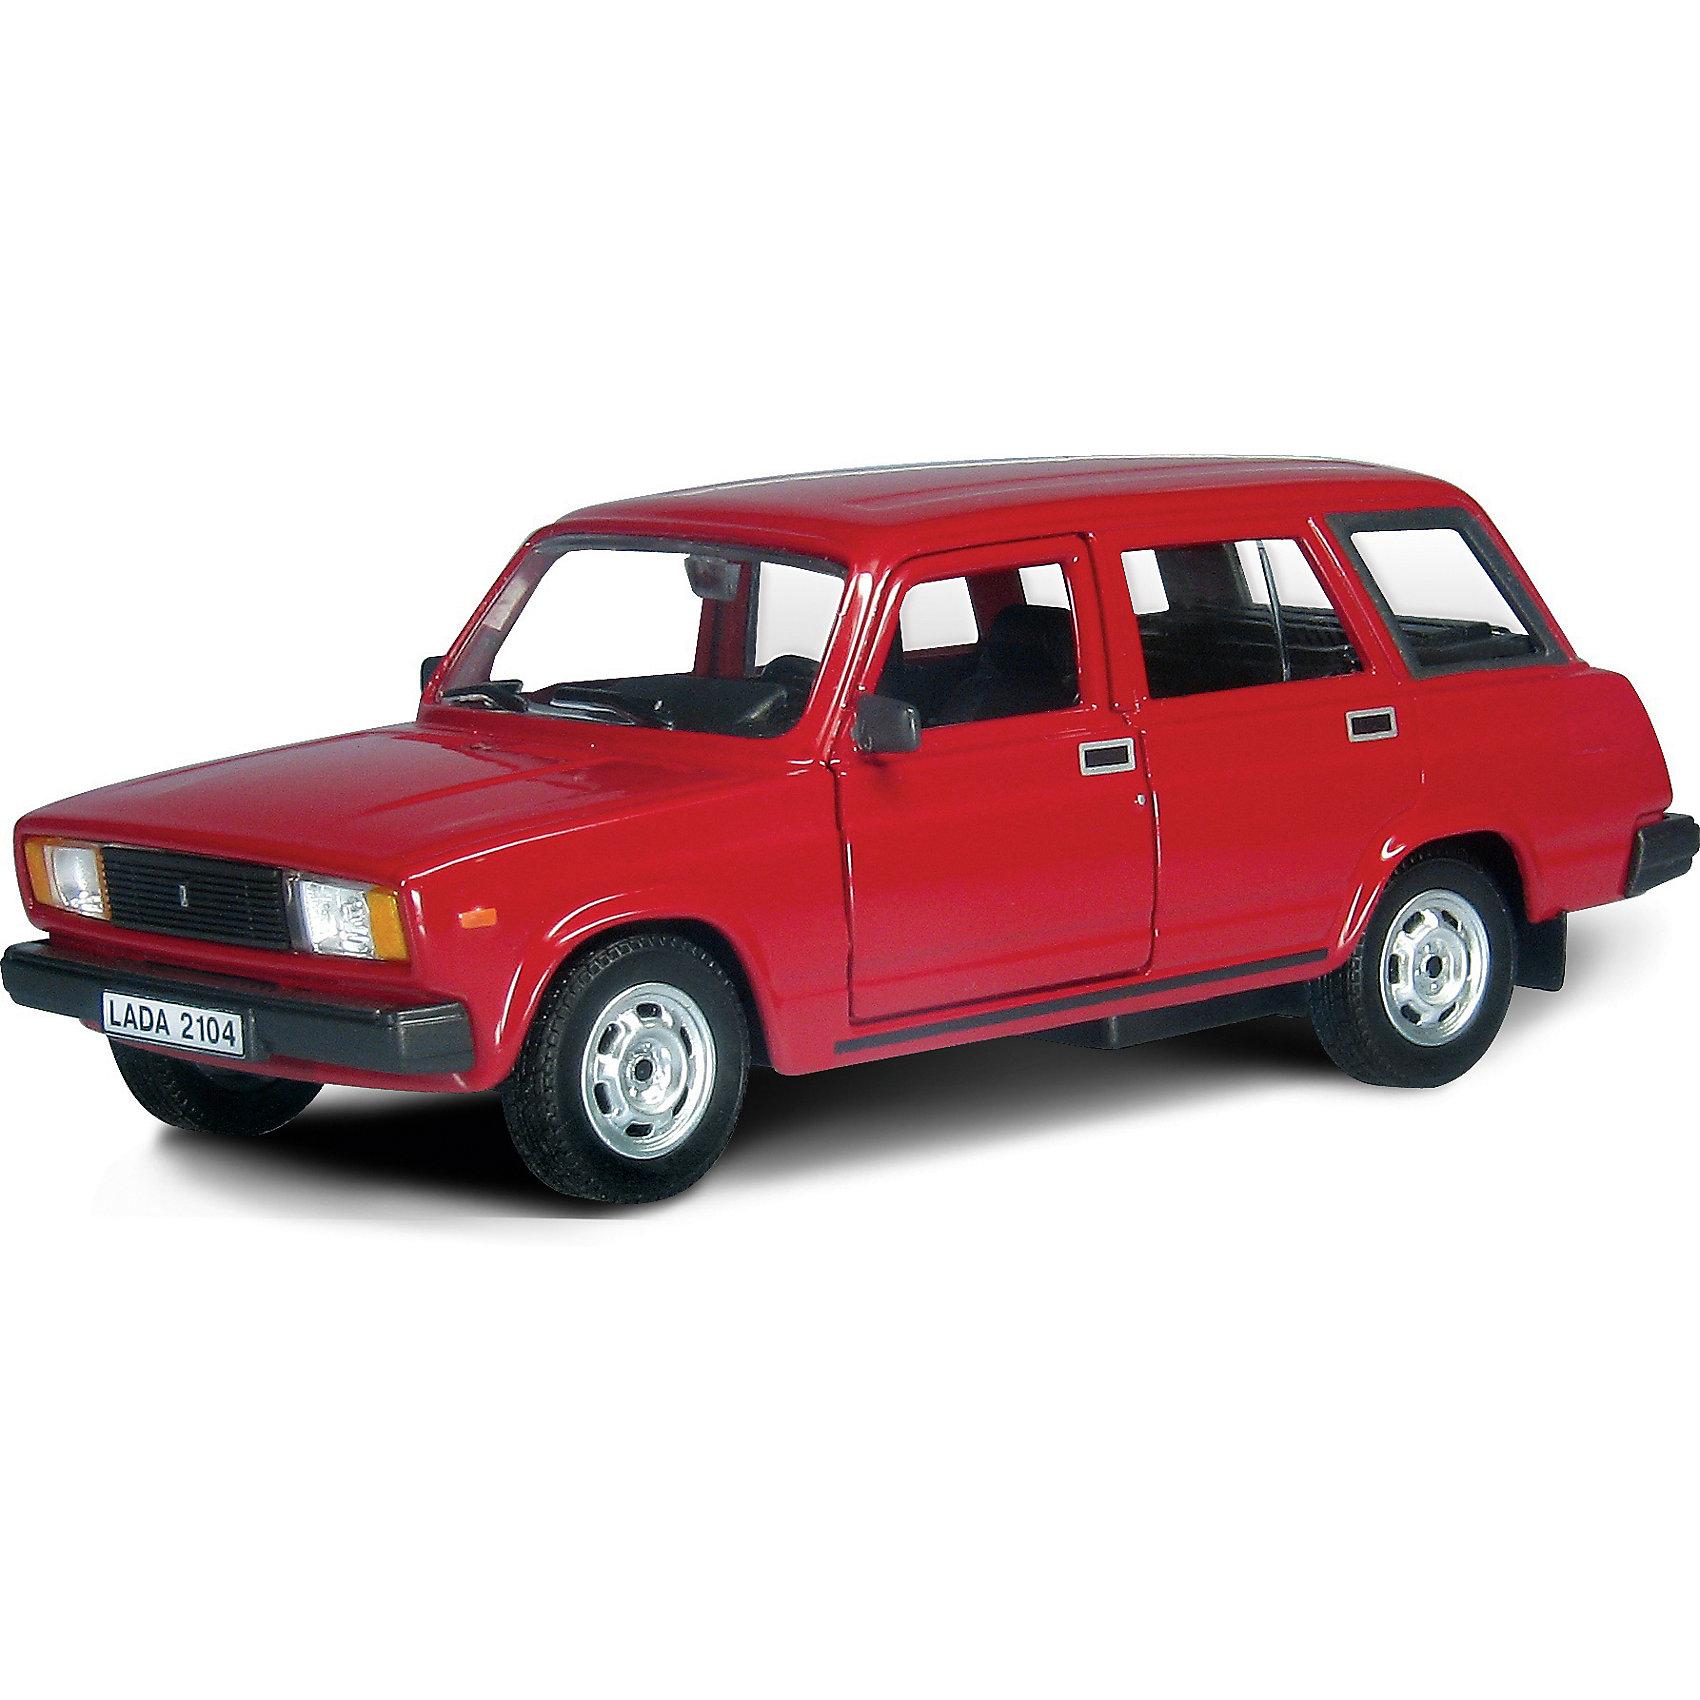 Машинка Lada 2104 гражданская 1:36, AutotimeМашинки<br>Характеристики товара:<br><br>• цвет: красный<br>• материал: металл, пластик<br>• размер: 16,5х7,х5,7 см<br>• вес: 100 г<br>• масштаб: 1:36<br>• прочный материал<br>• хорошая детализация<br>• открываются двери<br>• страна бренда: Россия<br>• страна производства: Китай<br><br>Коллекционная машинка LADA 2104 гражданская от бренда AUTOTIME станет отличным подарком для мальчика. Подробная детализация машинки порадует увлеченного коллекционера, а открывающиеся двери и свободно вращающиеся колеса придутся по душе юному владельцу игрушечного гаража. Эта игрушка подарит восторг и радость вашему ребенку. <br><br>Игрушка также воздействует на наглядно-образное мышление, логическое мышление, развивает мелкую моторику. Изделие выполнено из сертифицированных материалов, безопасных для детей.<br><br>Машинку «Lada 2104» гражданская от бренда AUTOTIME можно купить в нашем интернет-магазине.<br><br>Ширина мм: 165<br>Глубина мм: 57<br>Высота мм: 75<br>Вес г: 13<br>Возраст от месяцев: 36<br>Возраст до месяцев: 2147483647<br>Пол: Мужской<br>Возраст: Детский<br>SKU: 5583945